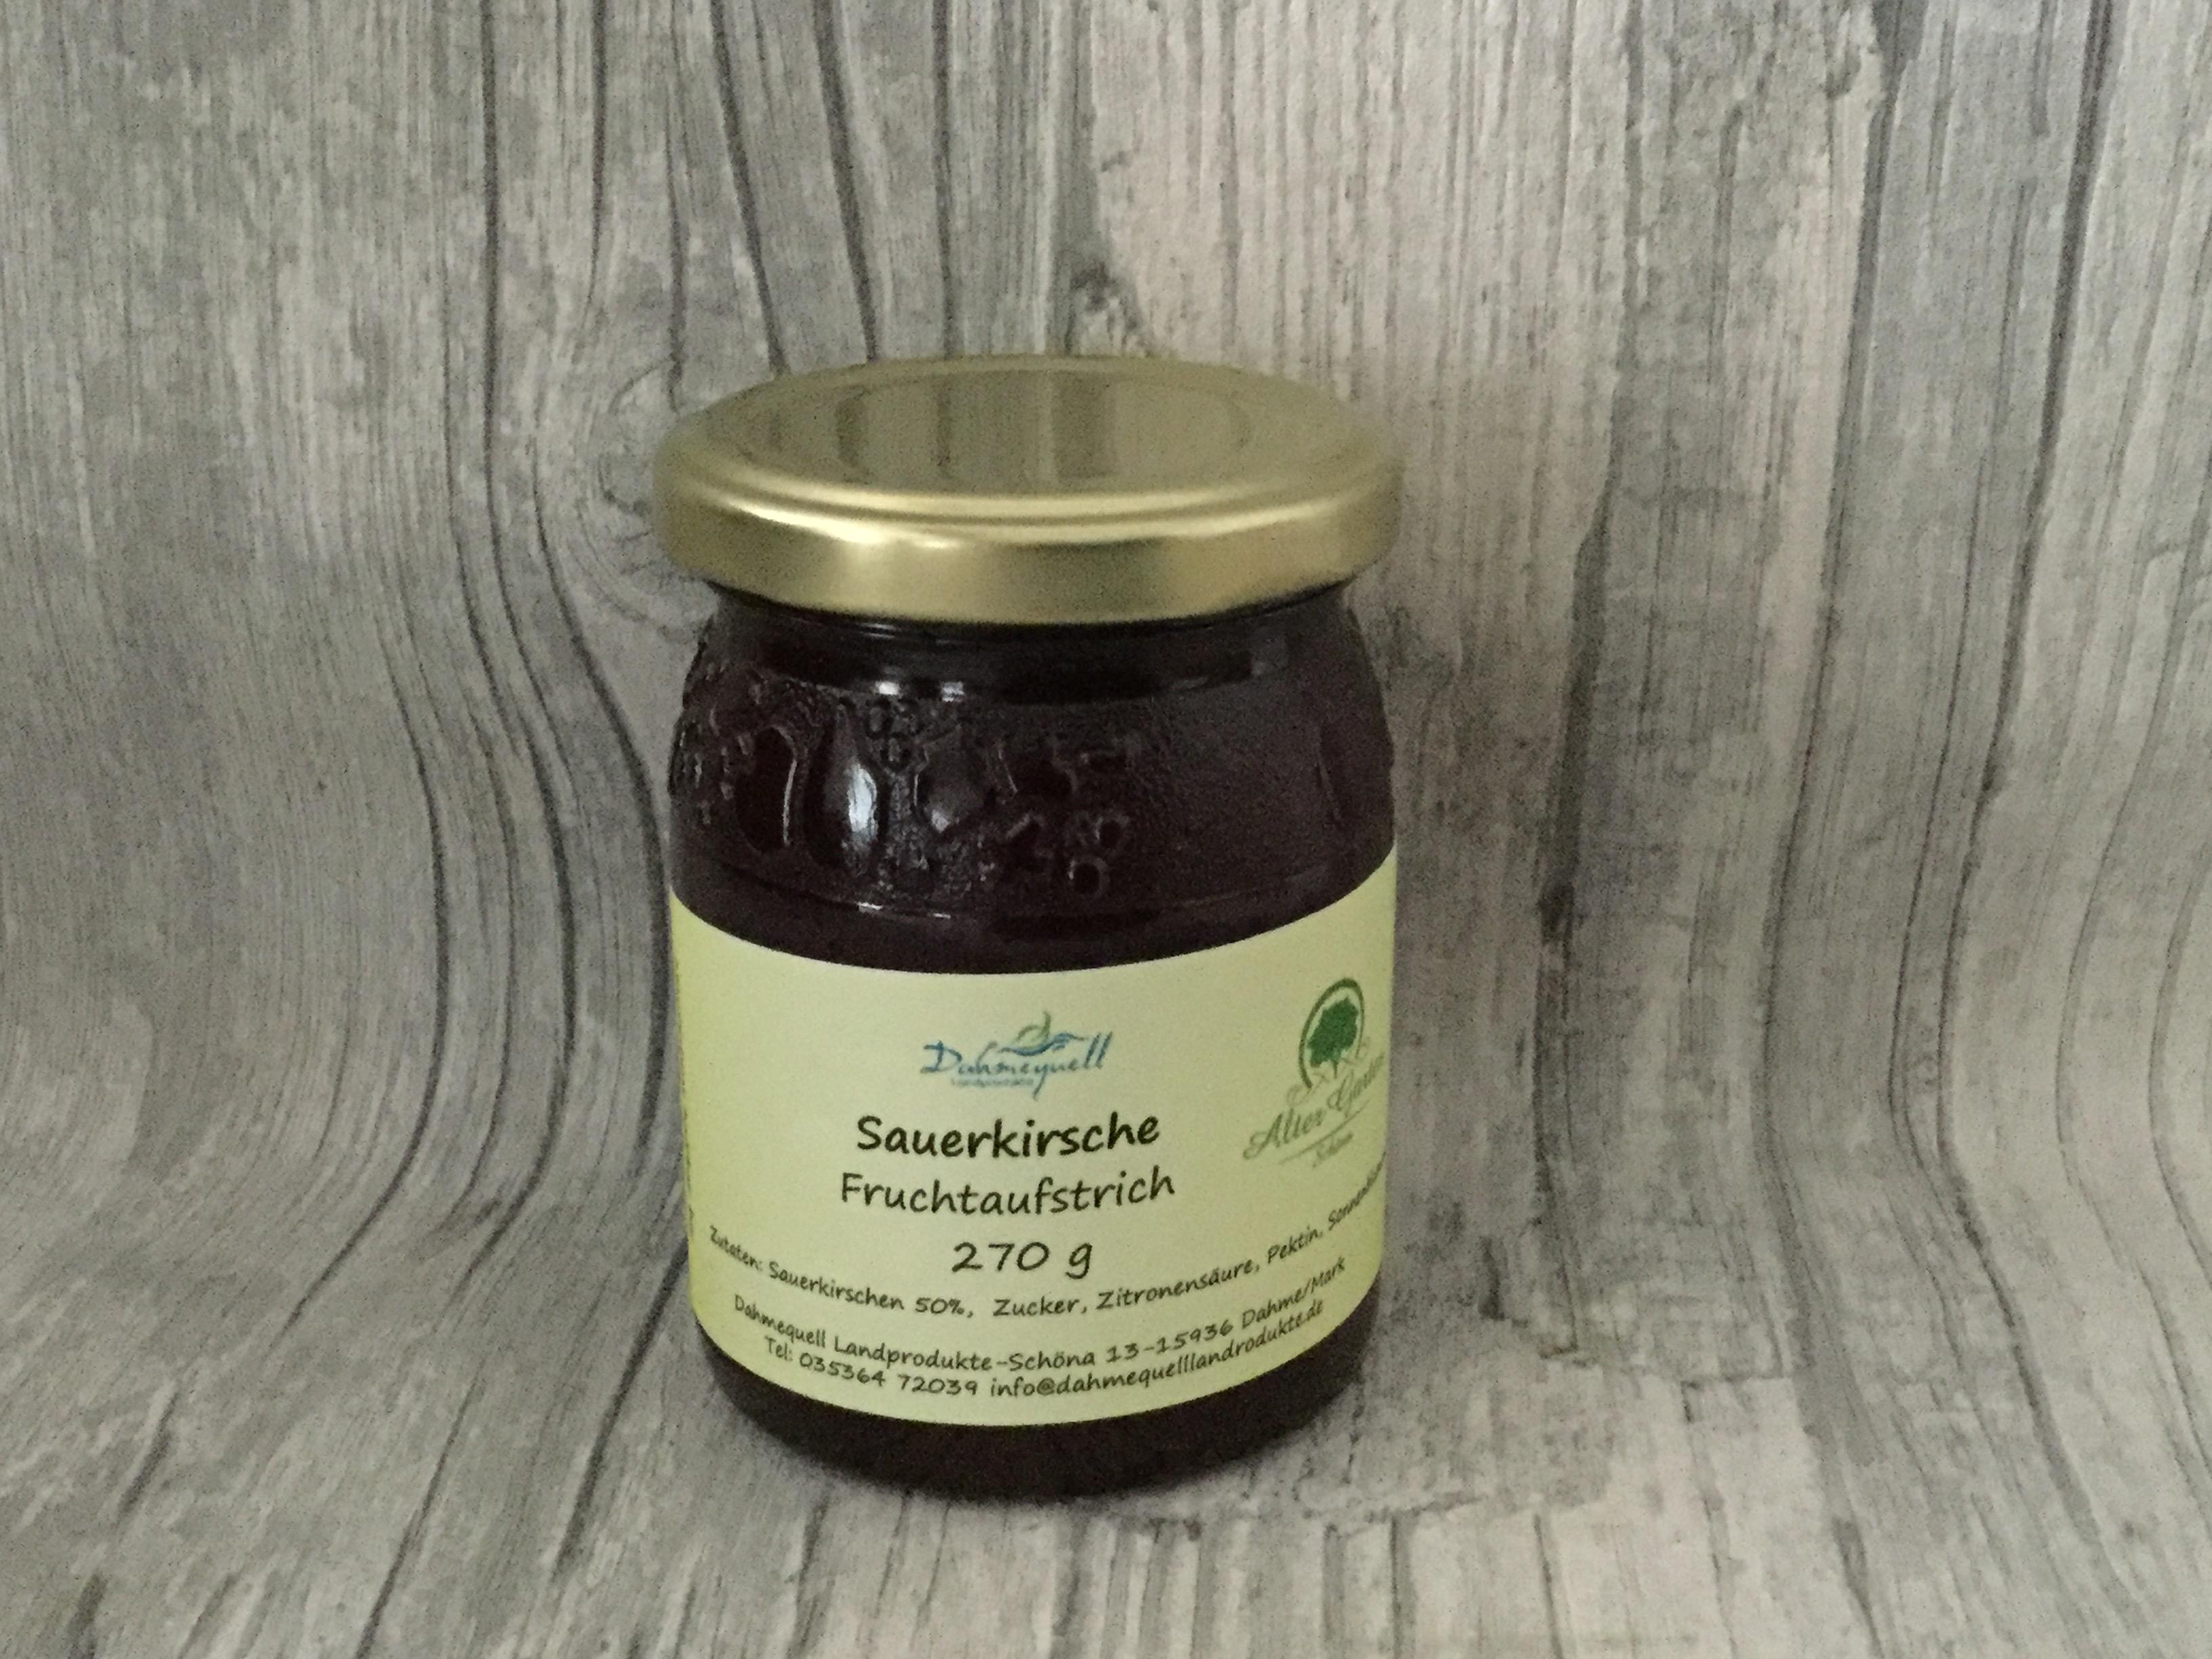 Fruchtaufstrich Sauerkirsche 270 g